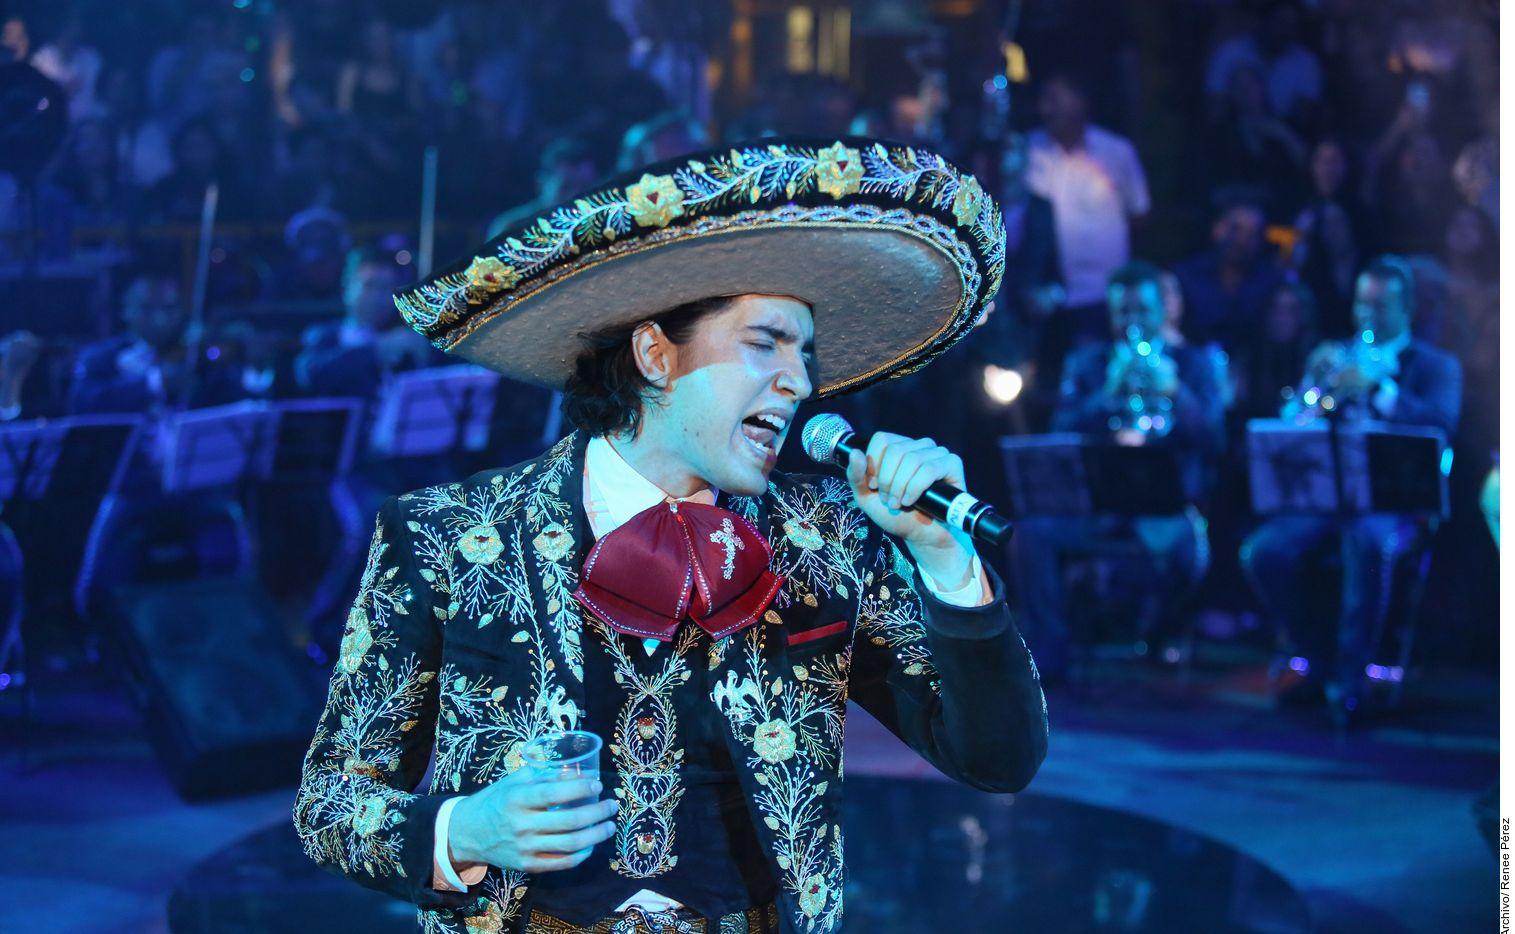 En esta fotografía de archivo sin fecha, se ve al cantante Alex Fernández, nieto de Vicente Fernández, en el escenario.